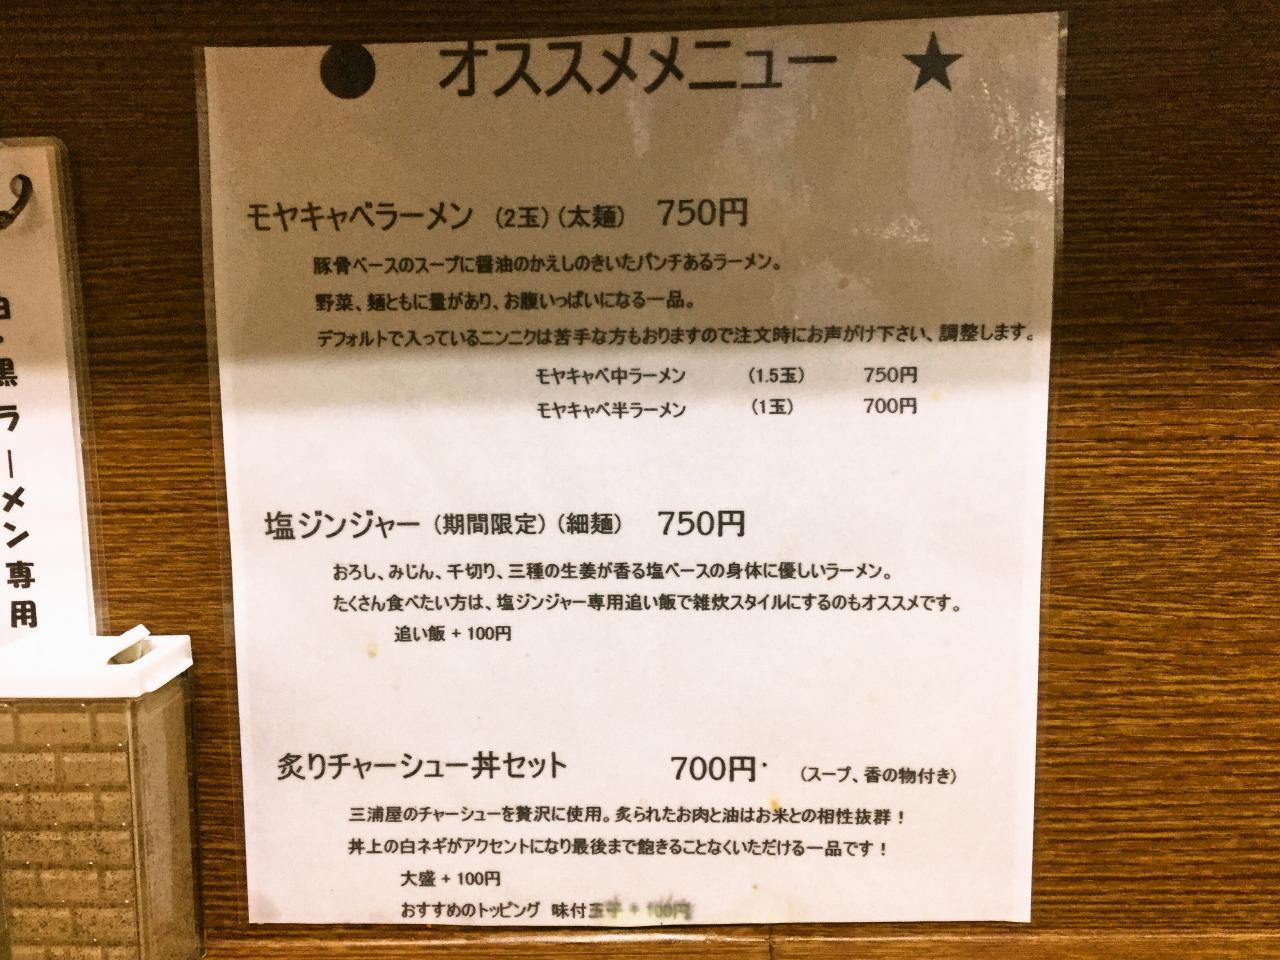 ラーメン三浦屋(メニュー)